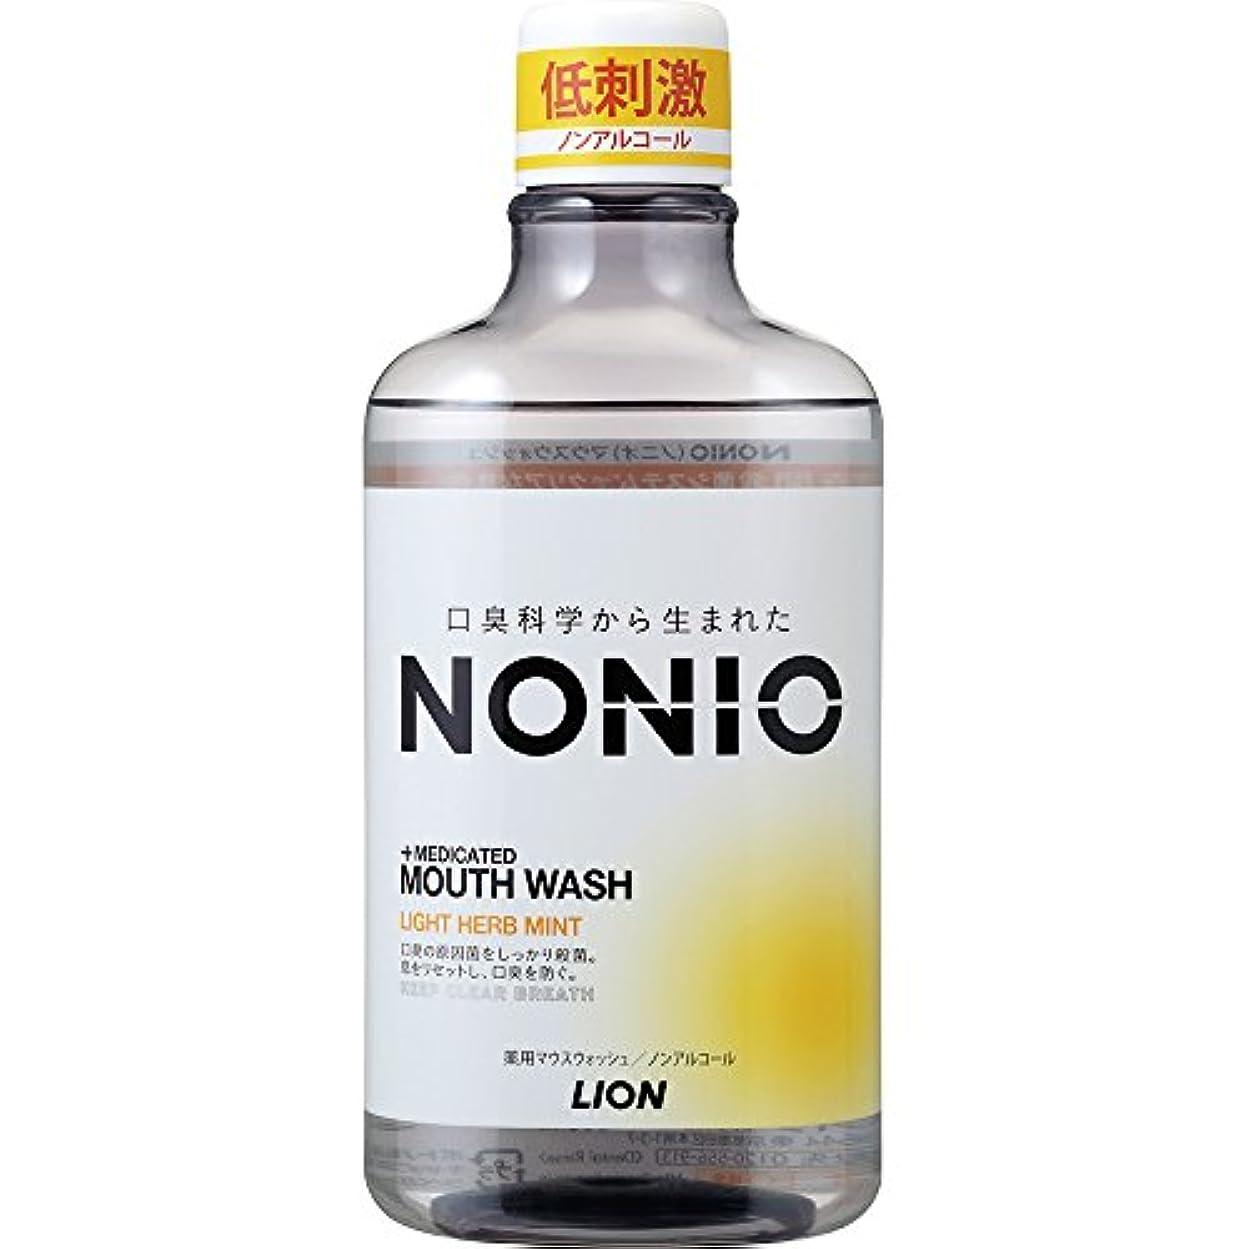 これら遠征帝国主義NONIO マウスウォッシュ ノンアルコール ライトハーブミント 600ml 洗口液 (医薬部外品)